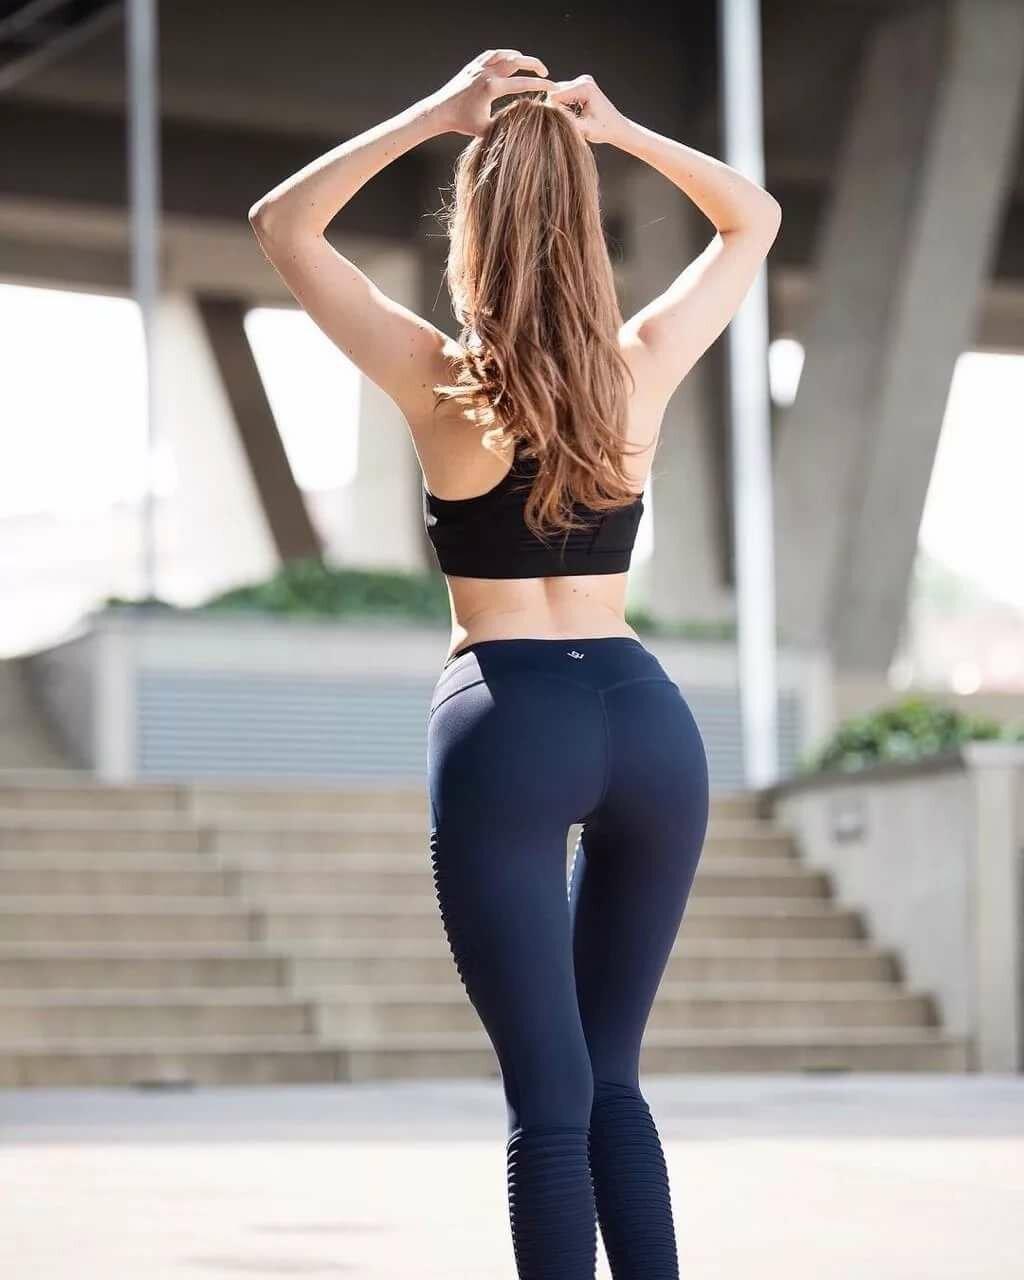 Hot yoga babe — photo 2